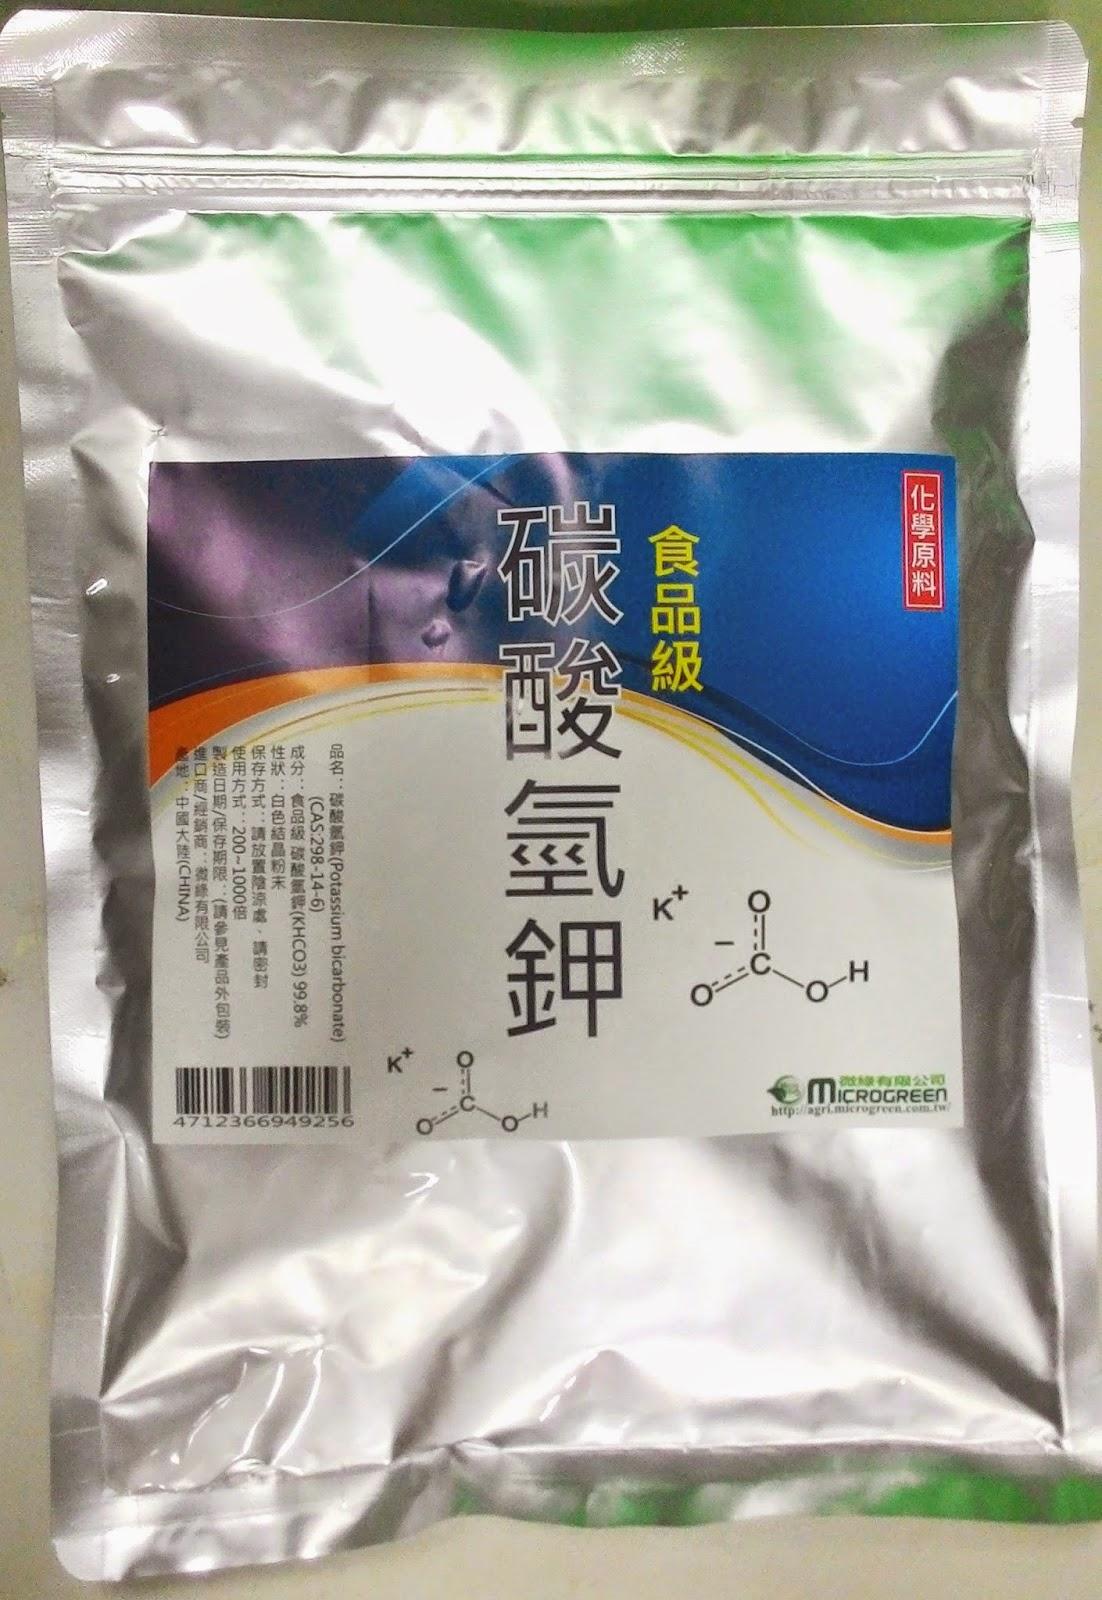 【農用化學原料】 碳酸氫鉀 (非農藥資材 無毒農業 化學原料) | 農業最佳處方籤